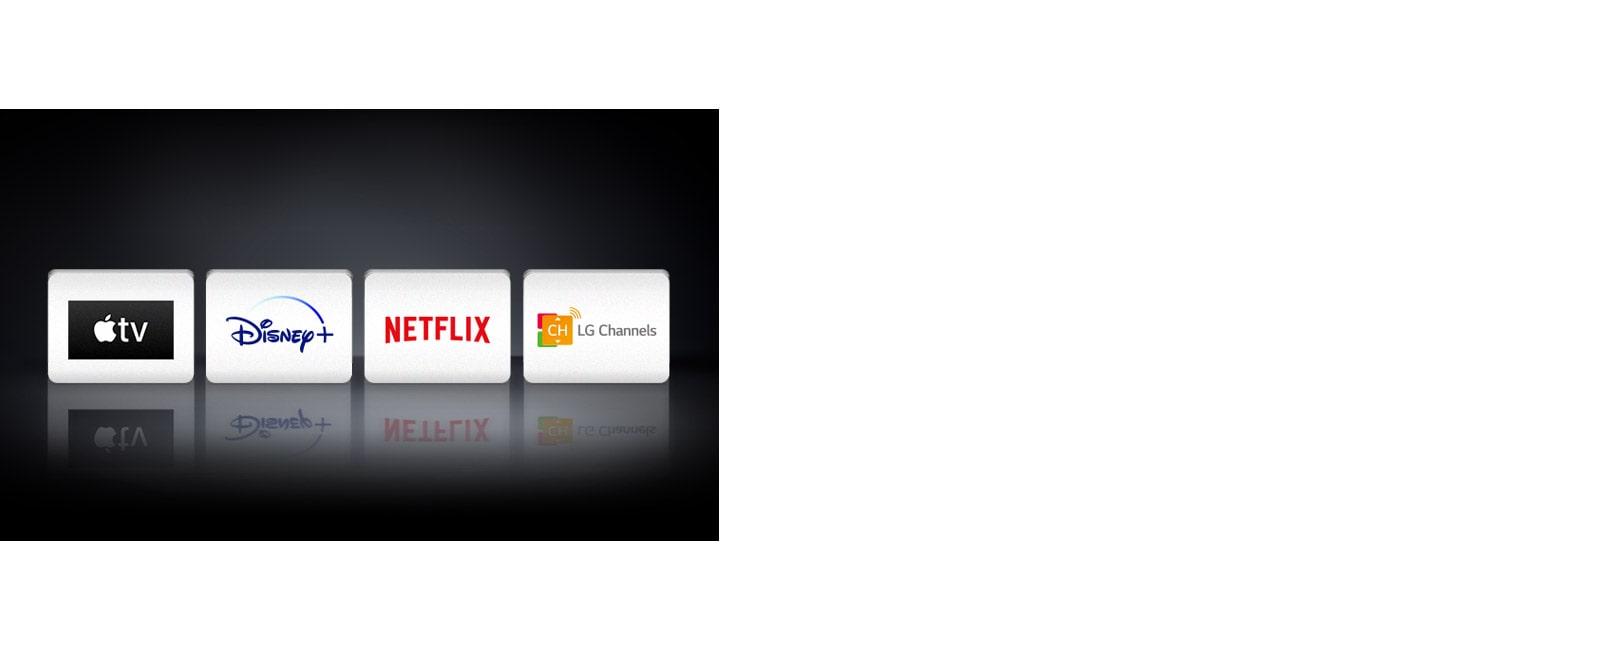 Quatre logos d'applications présentés de gauche à droite: Apple TV, Disney+, Netflix et LGChannels.